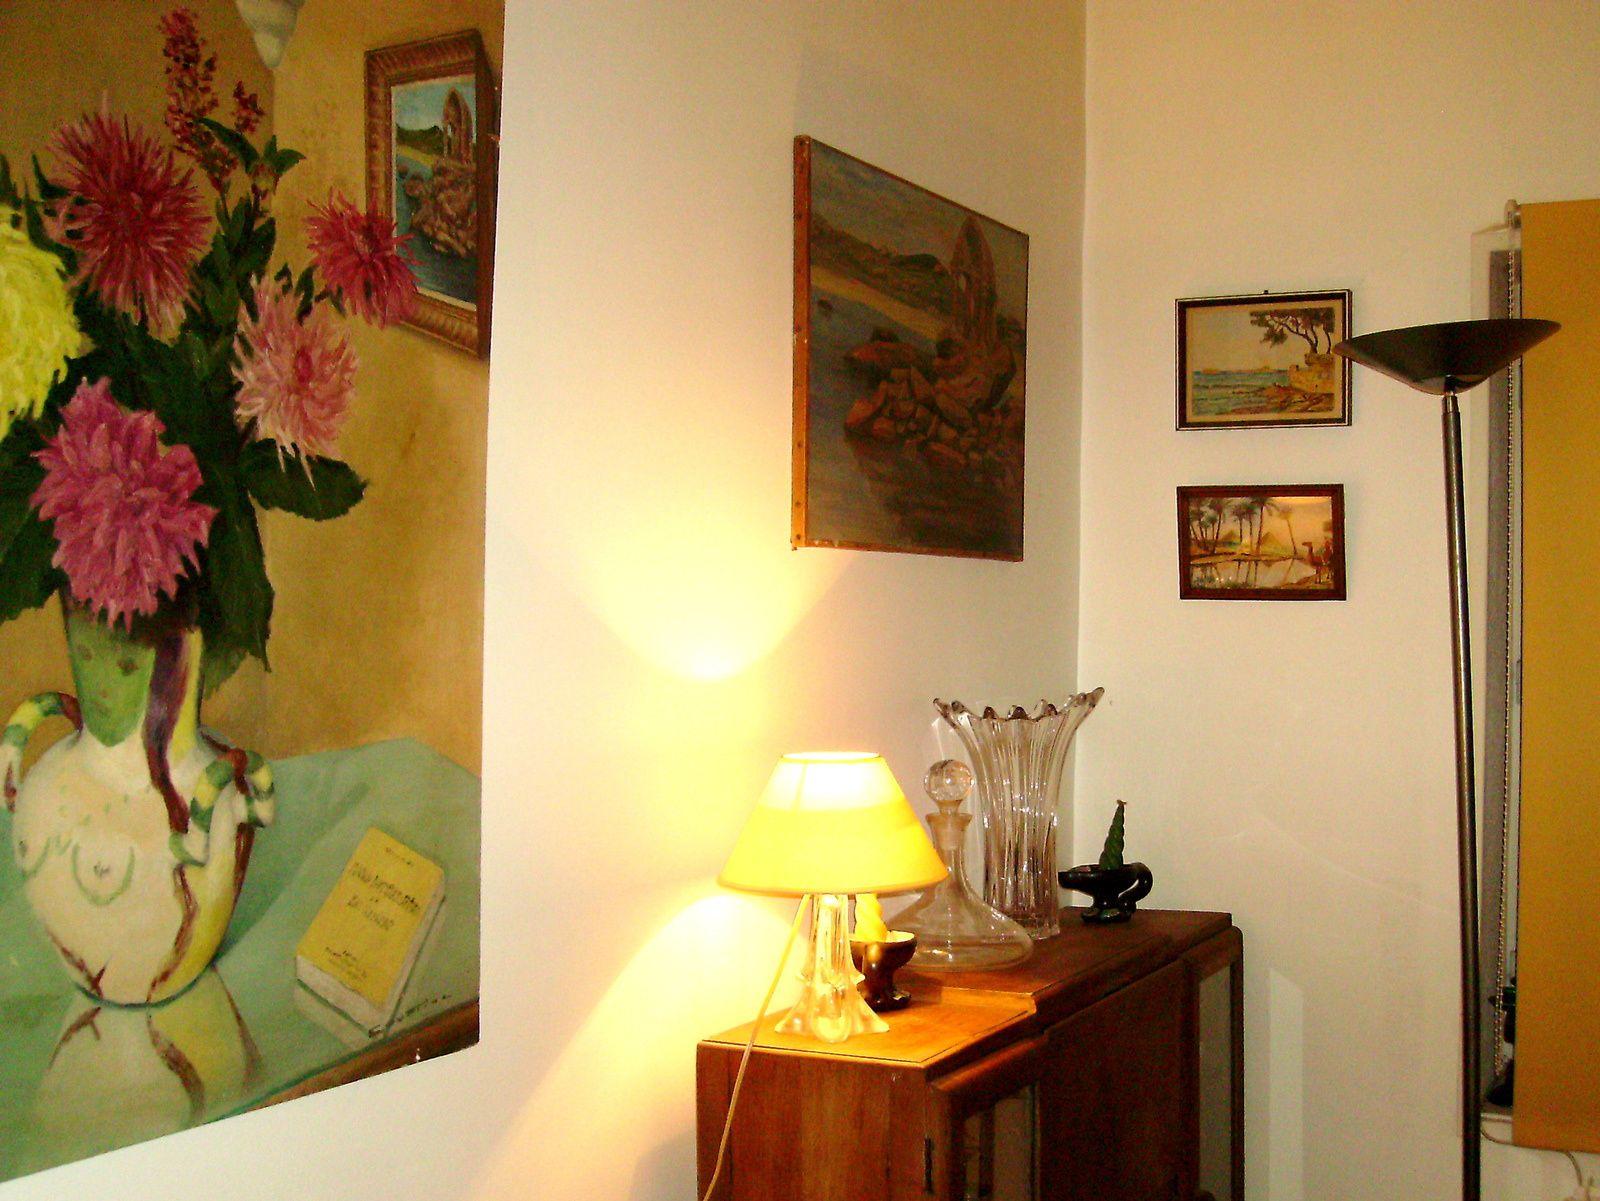 Jeu de tableaux, valauris? picasso? vase femme, sur charlotteblabla blog*